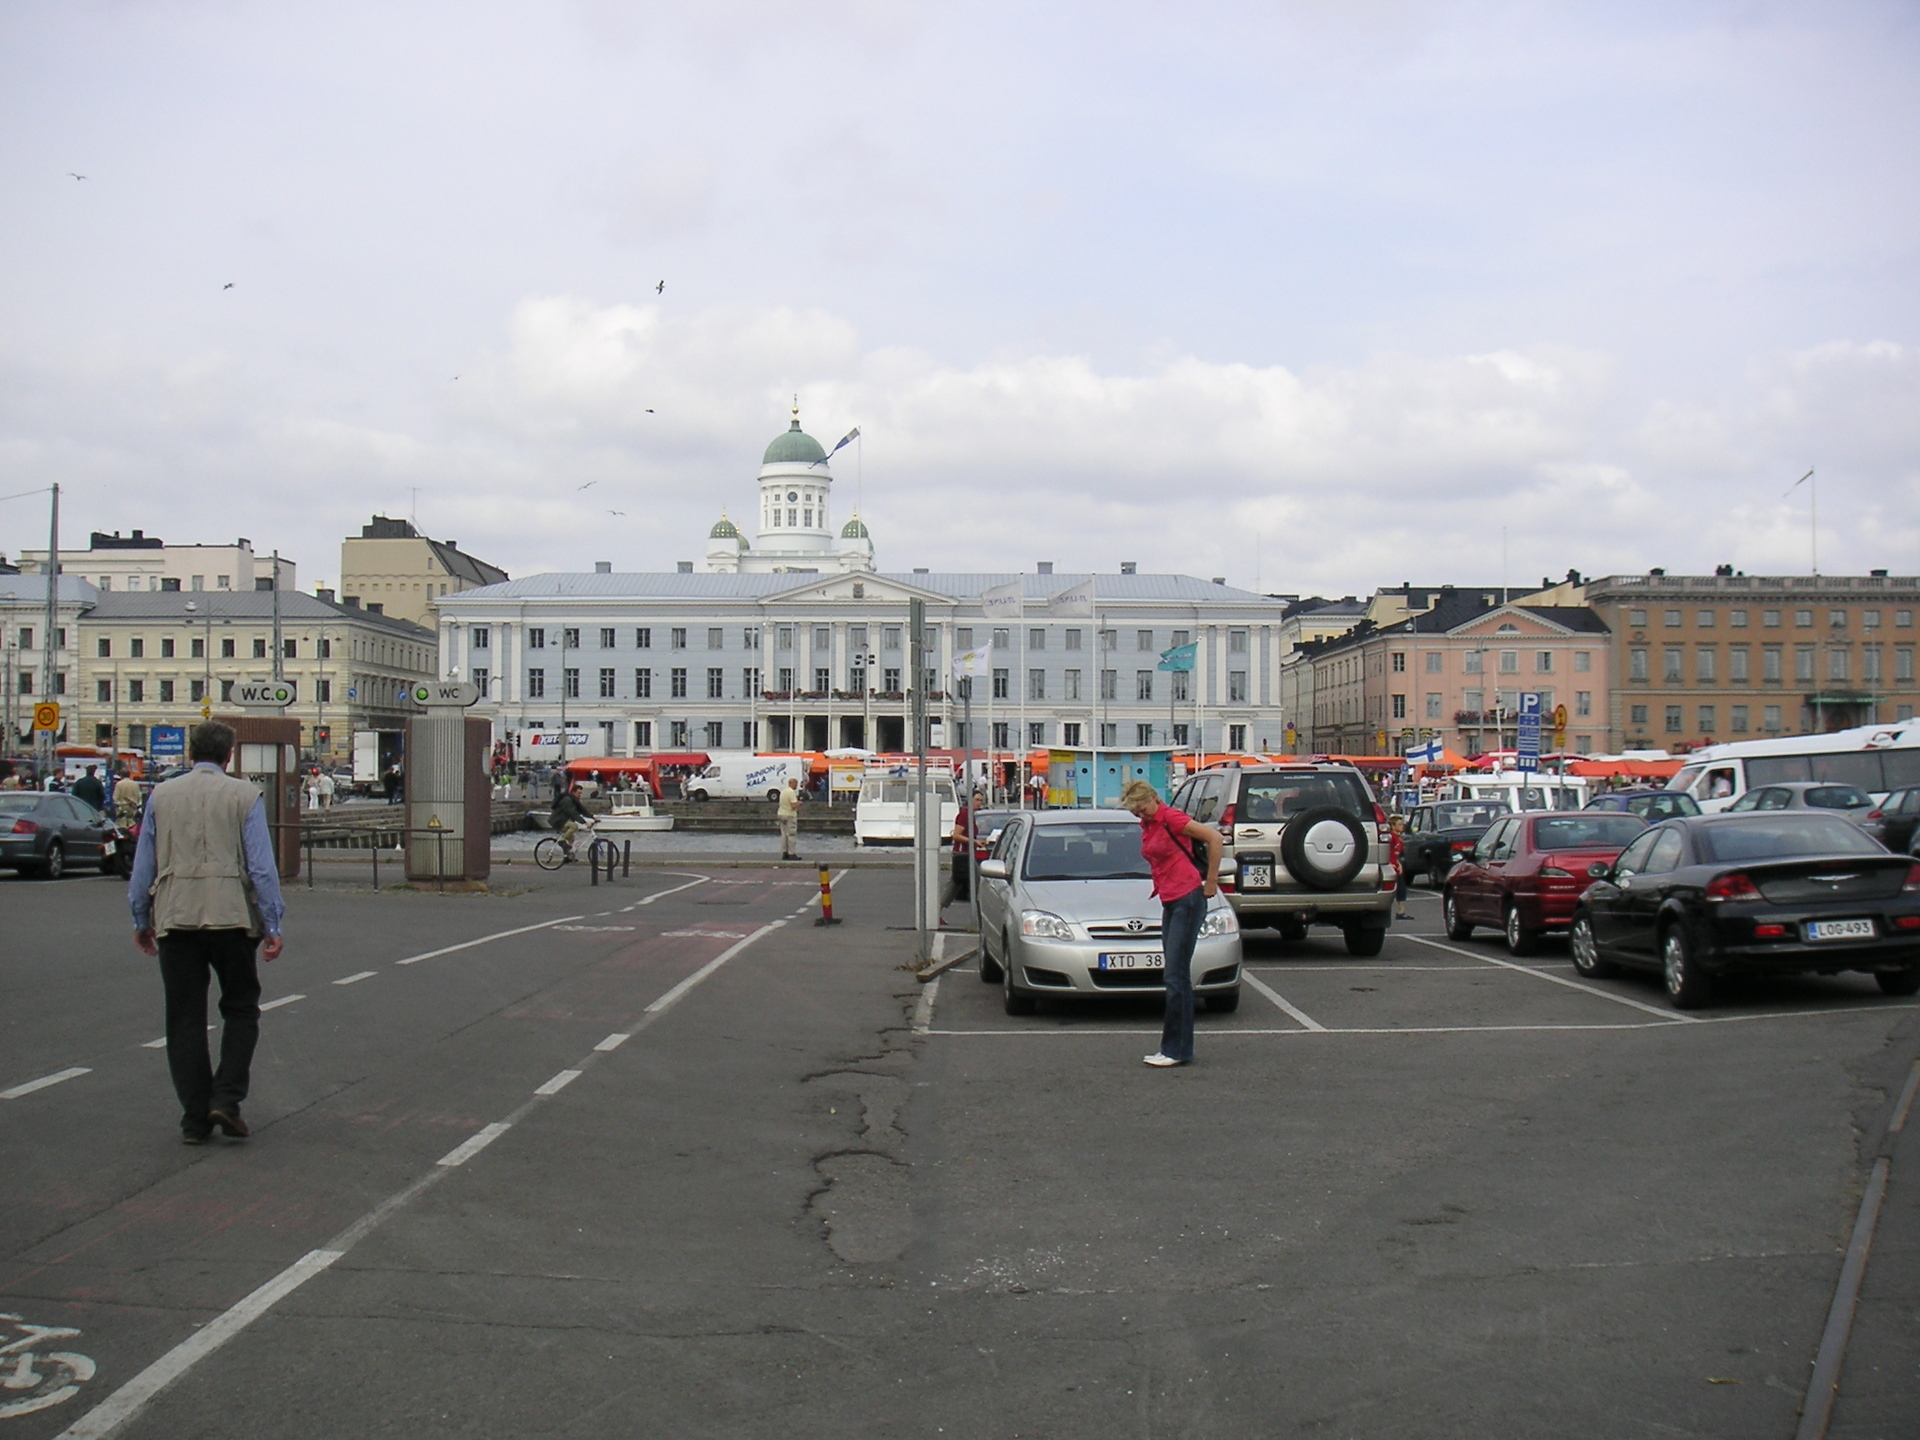 Helsinki Finland Scandinavia Photo 553682 Fanpop